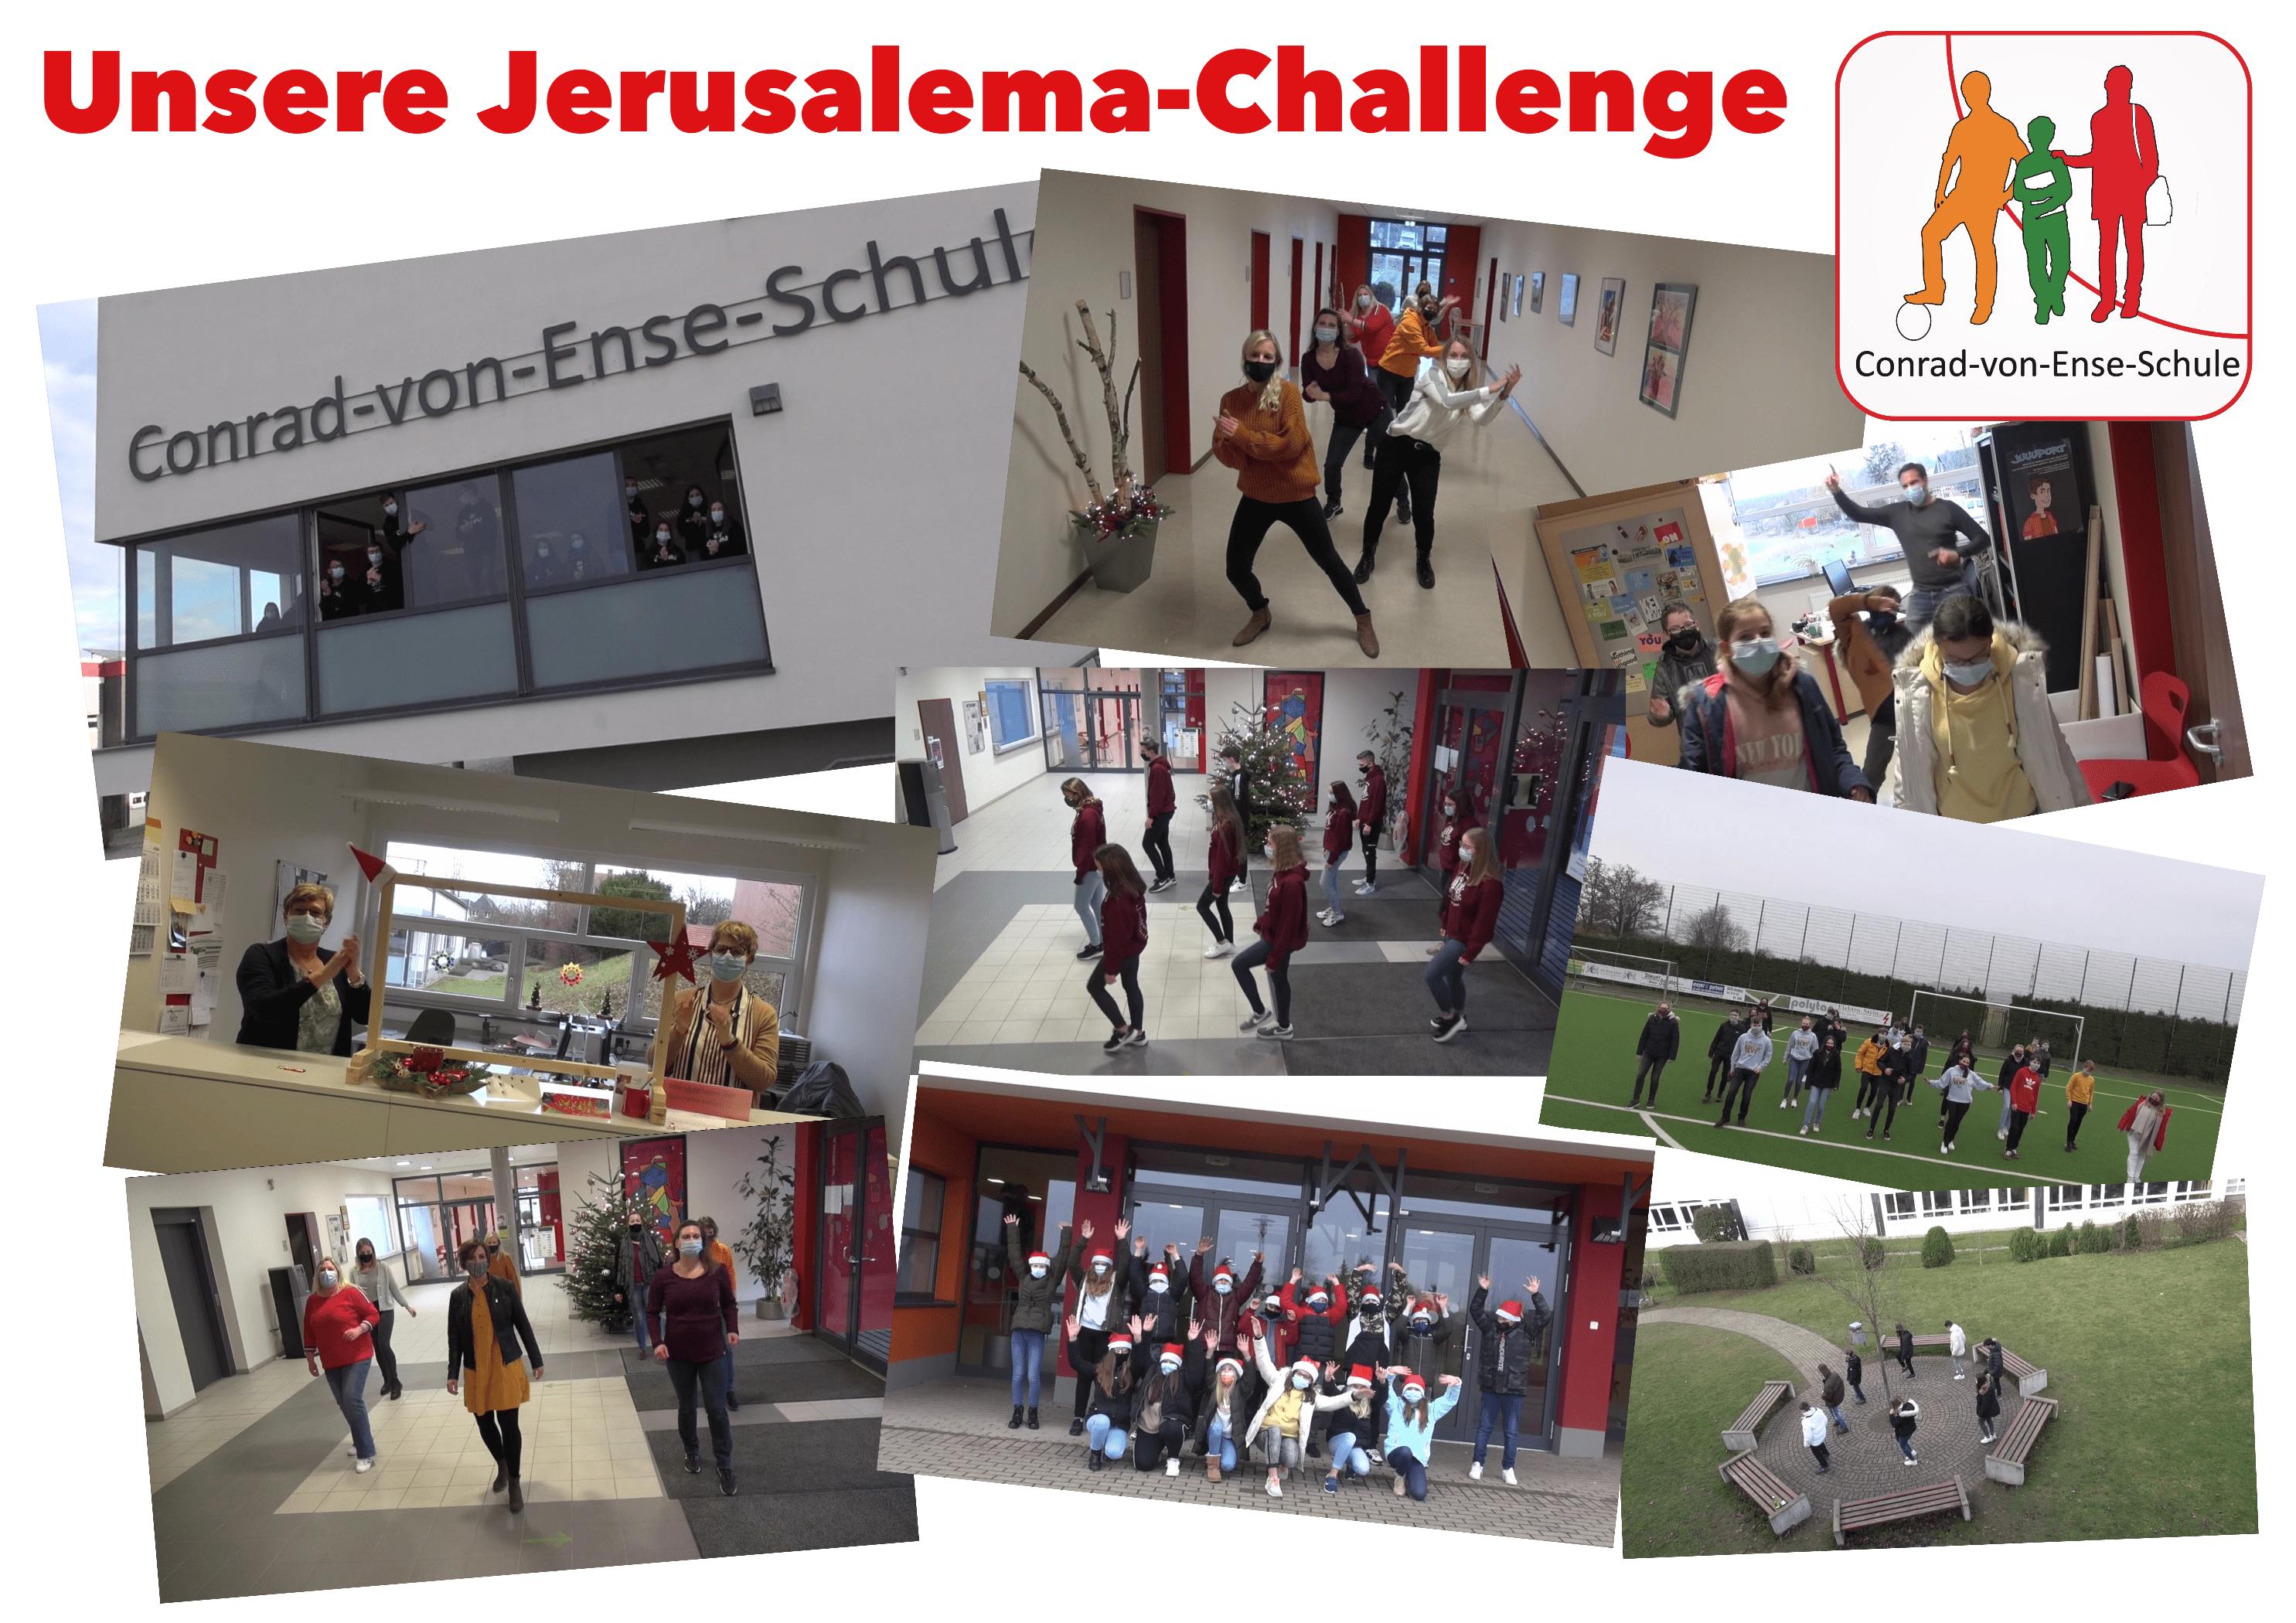 Jerusalema Tanz Challenge der Conrad-von-Ense-Schule